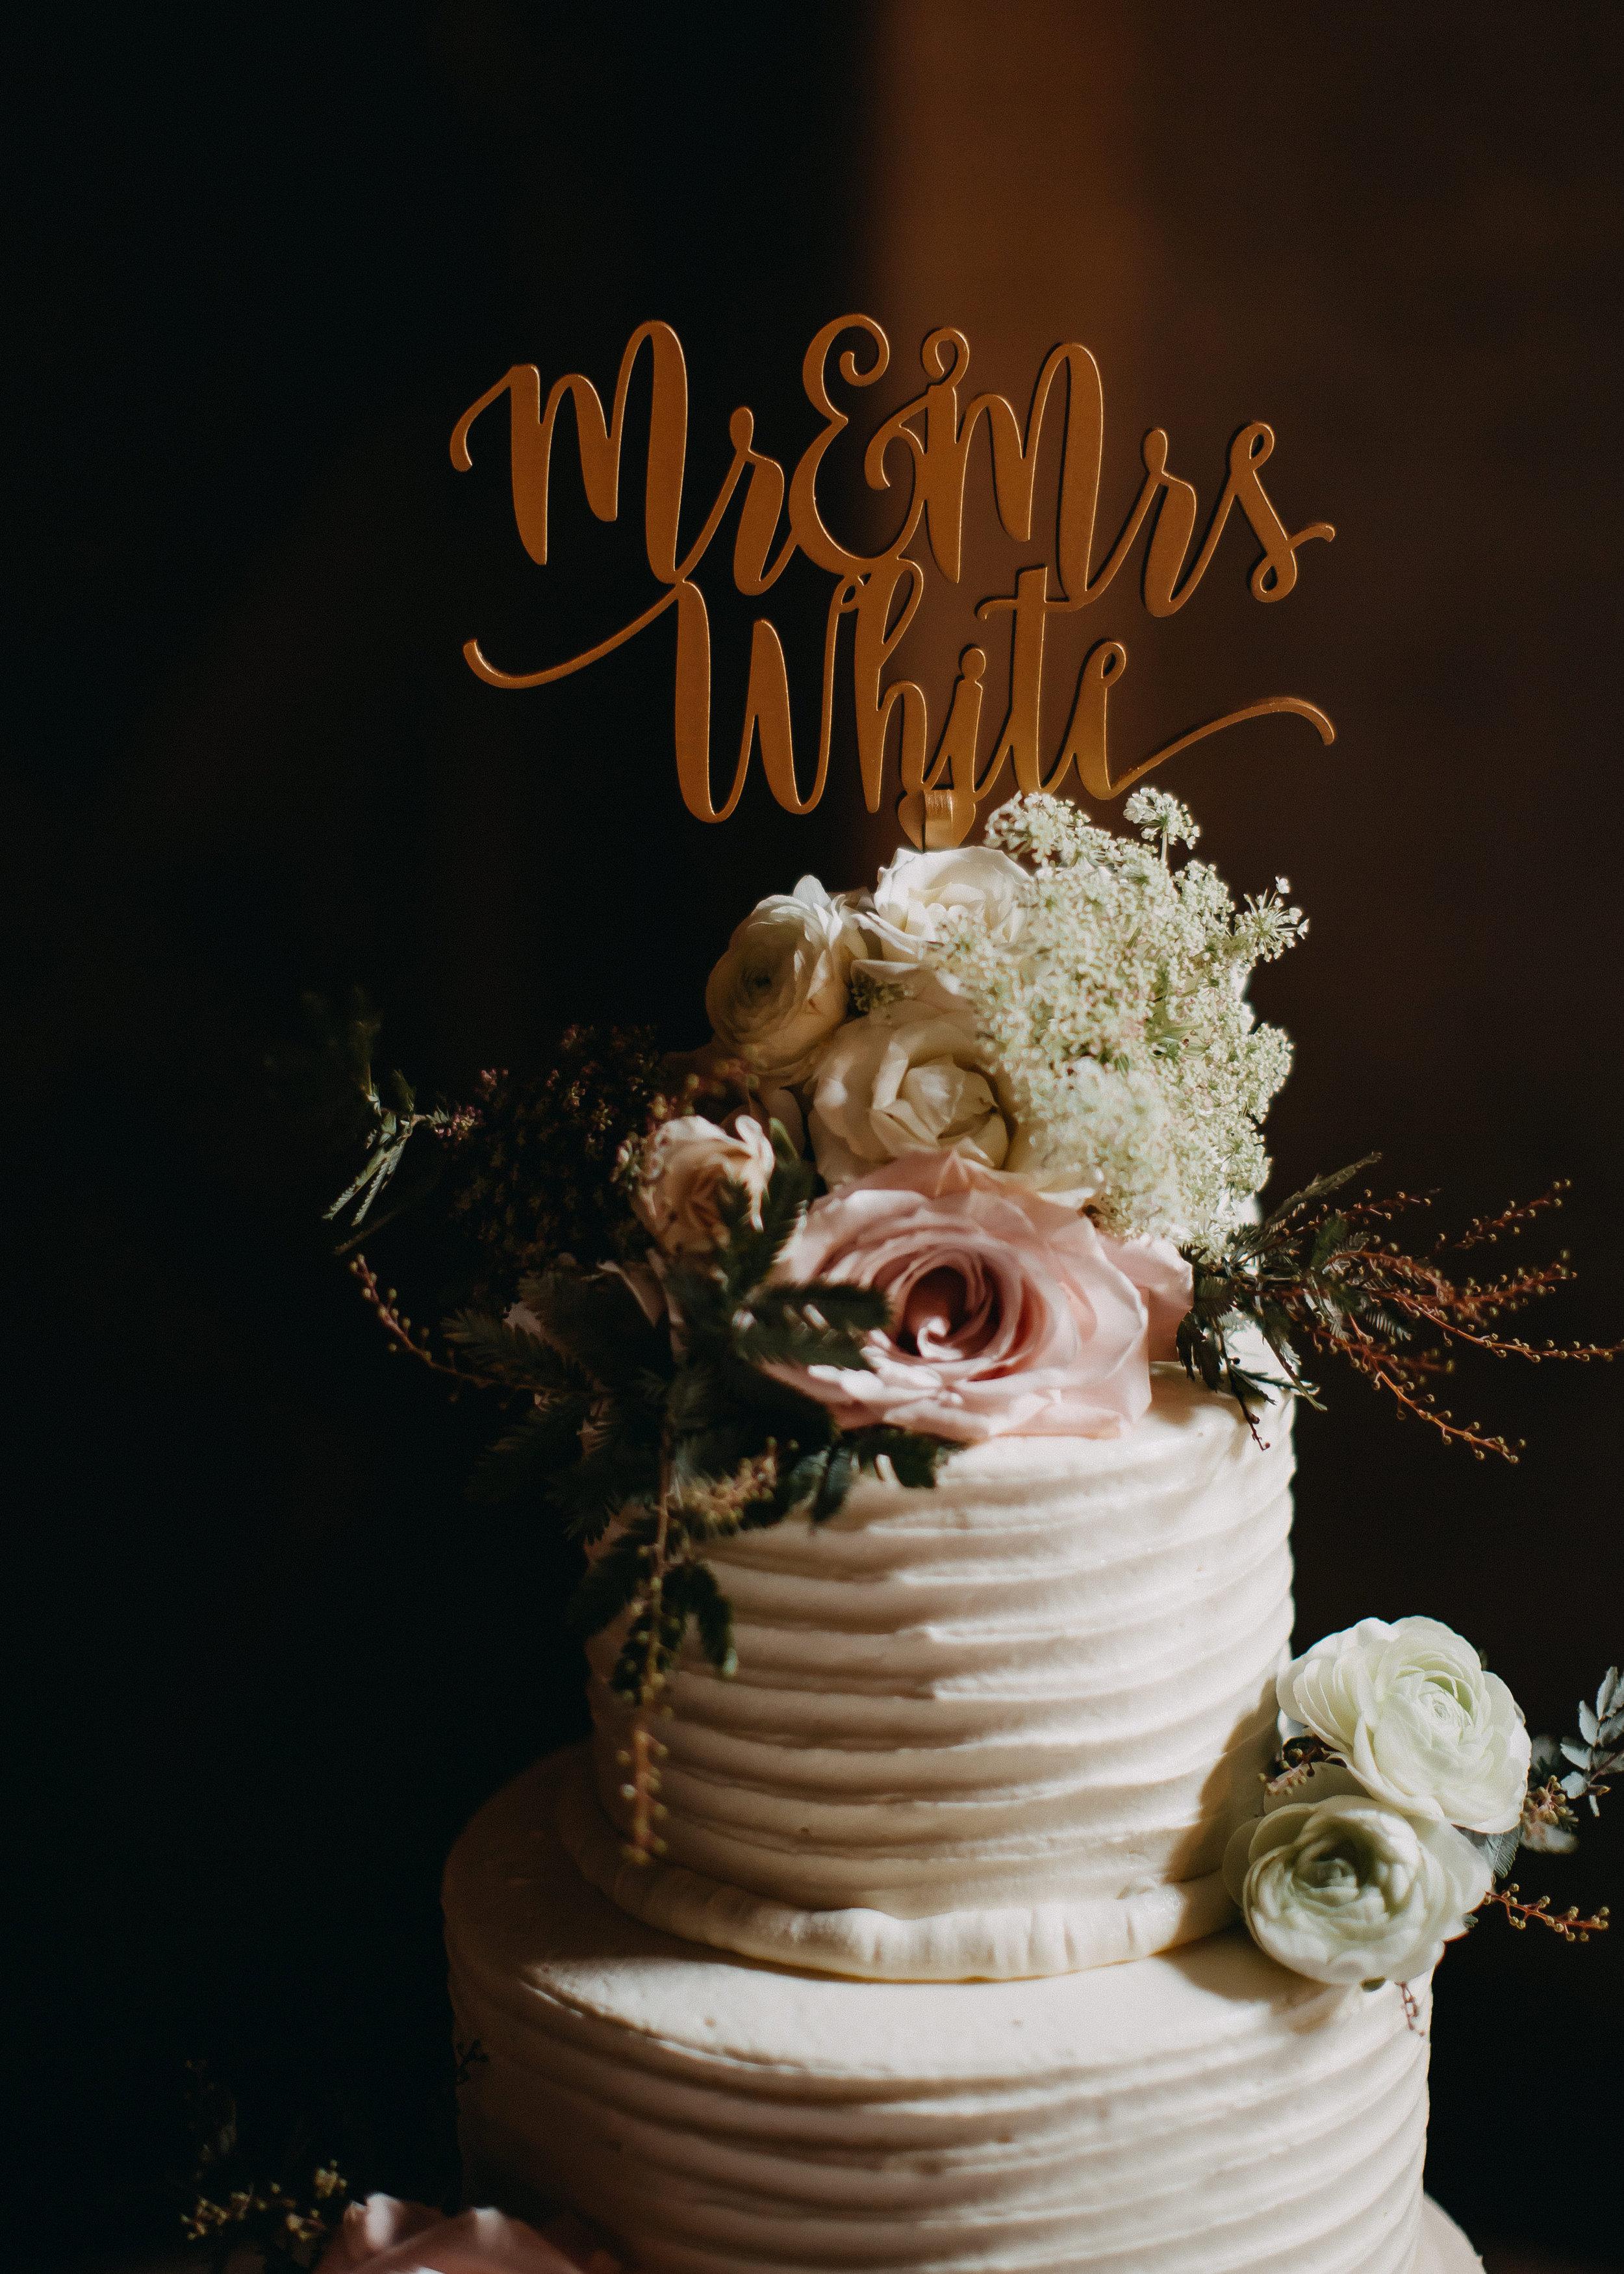 White Wedding Cakes - Florida Estate Wedding - Powel Crowley Estate Wedding